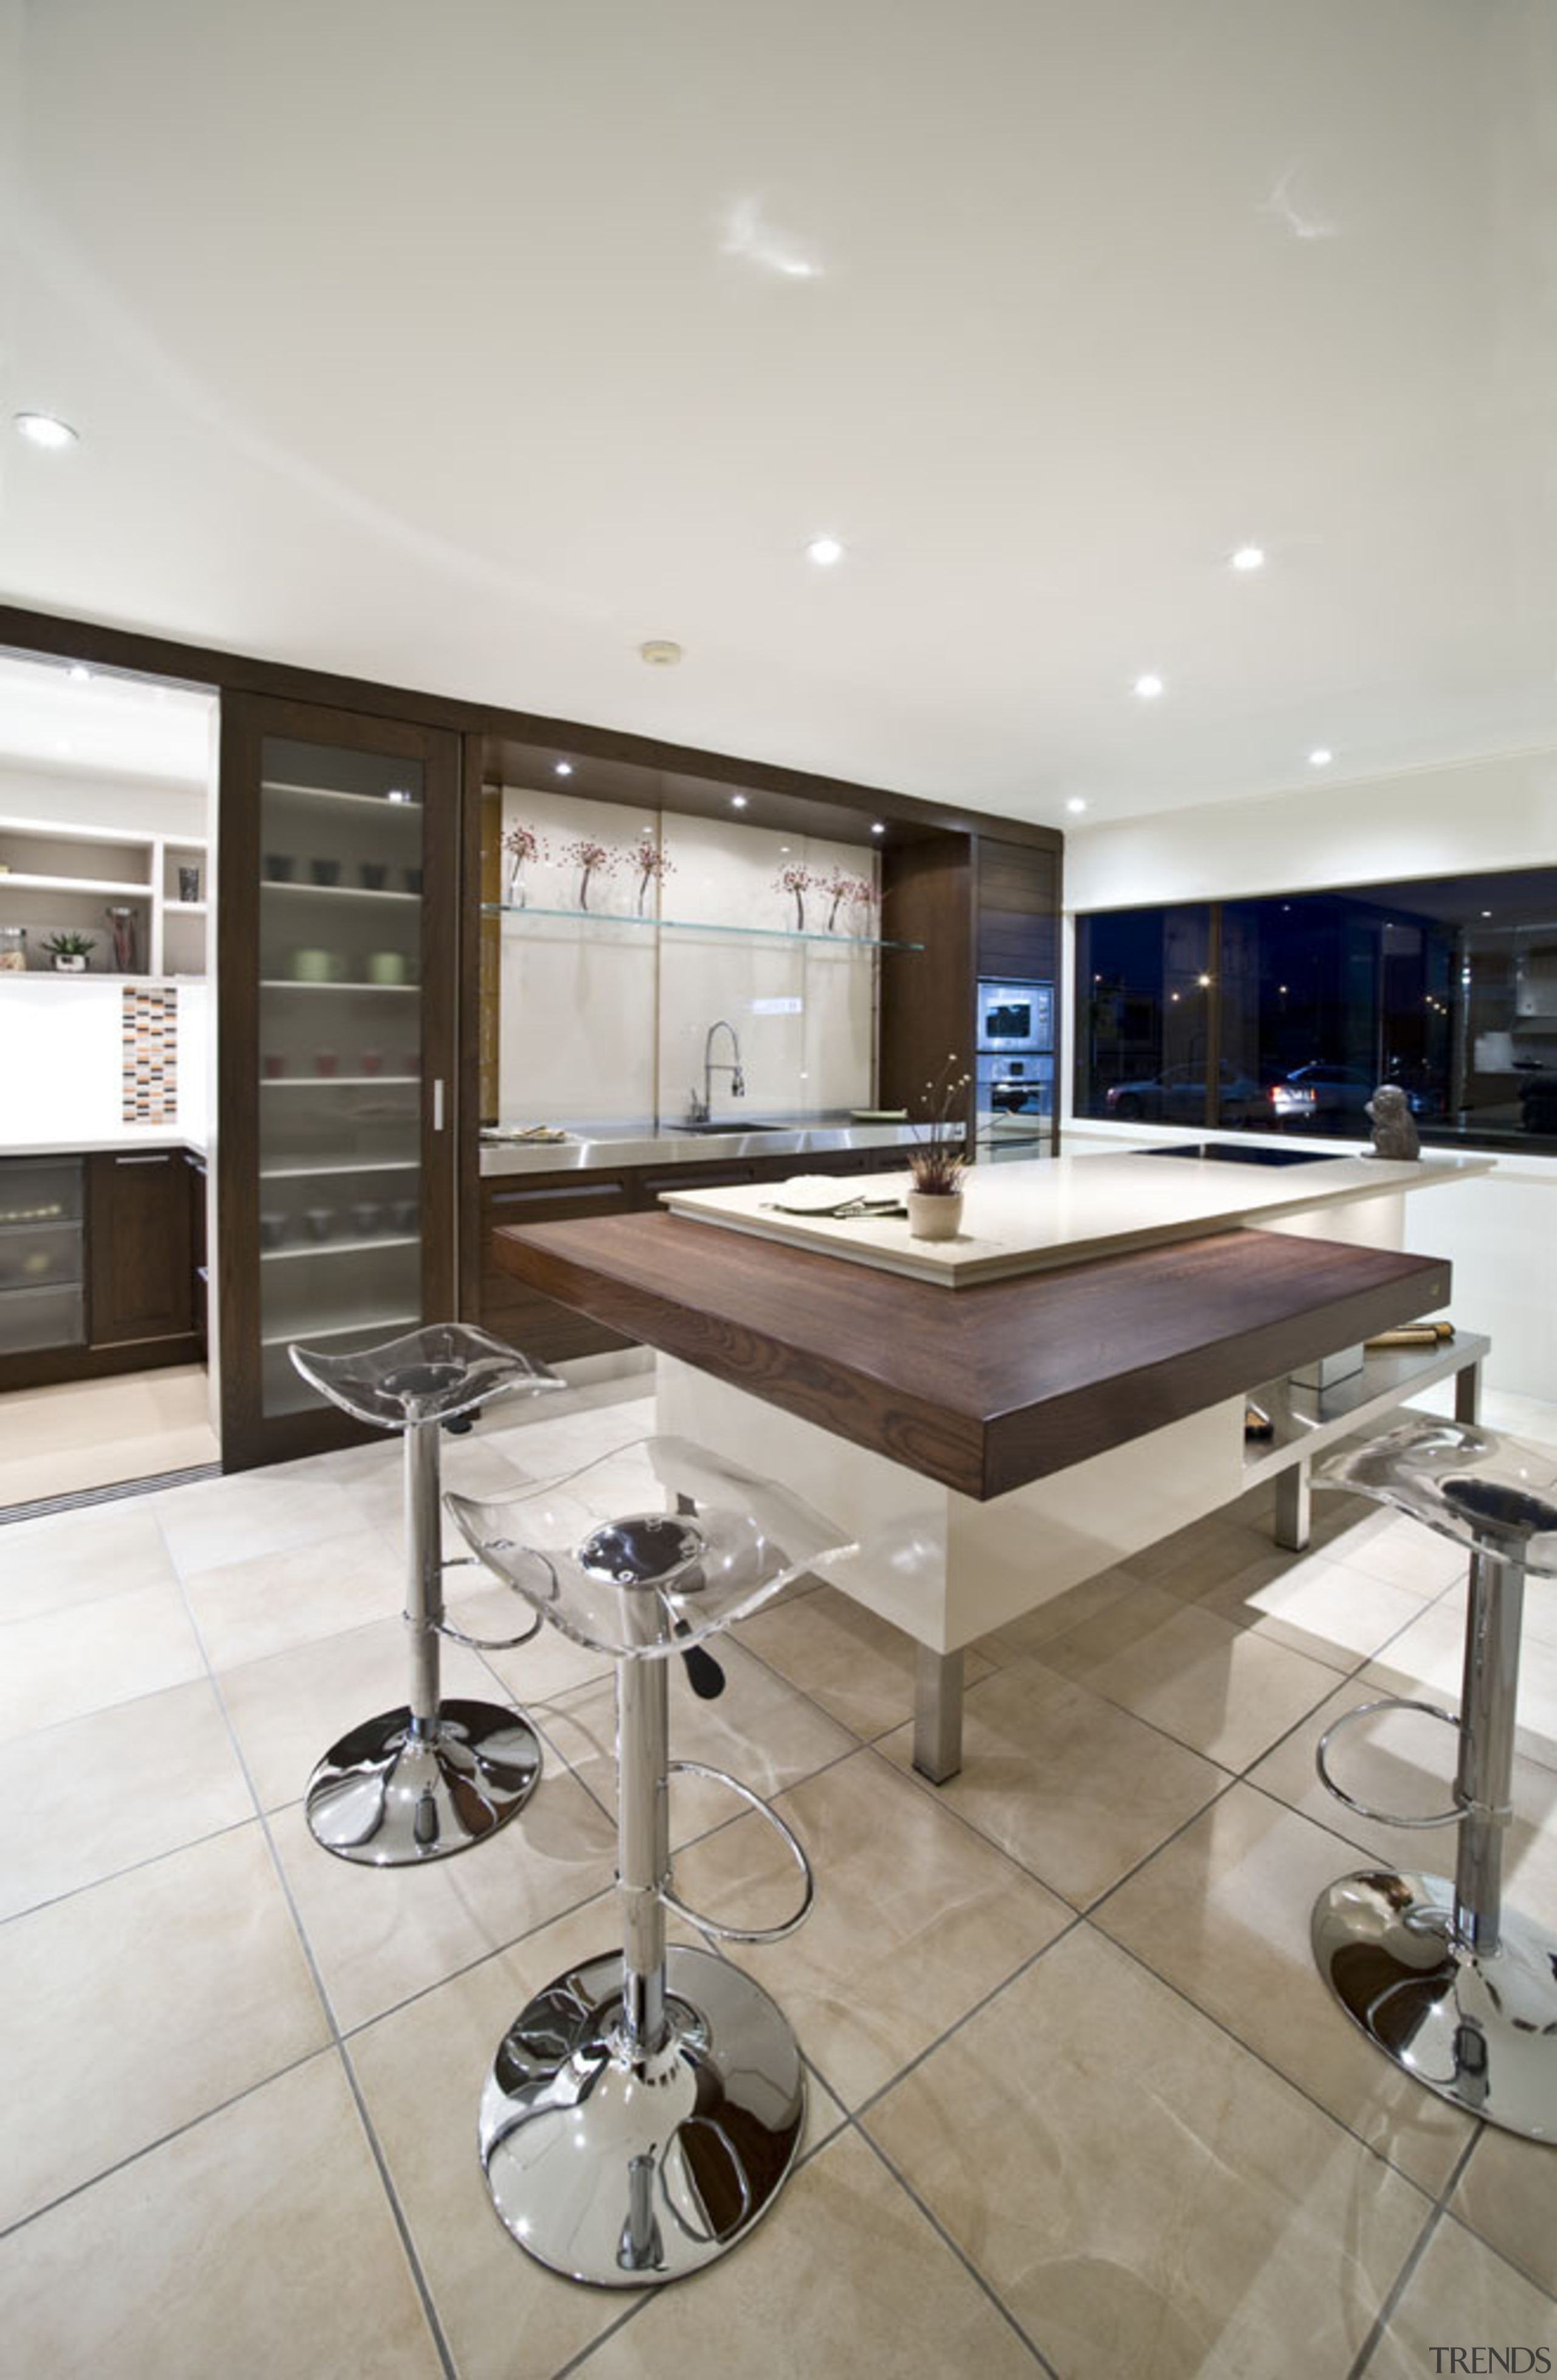 Greenlane - countertop   floor   flooring   countertop, floor, flooring, interior design, kitchen, property, real estate, gray